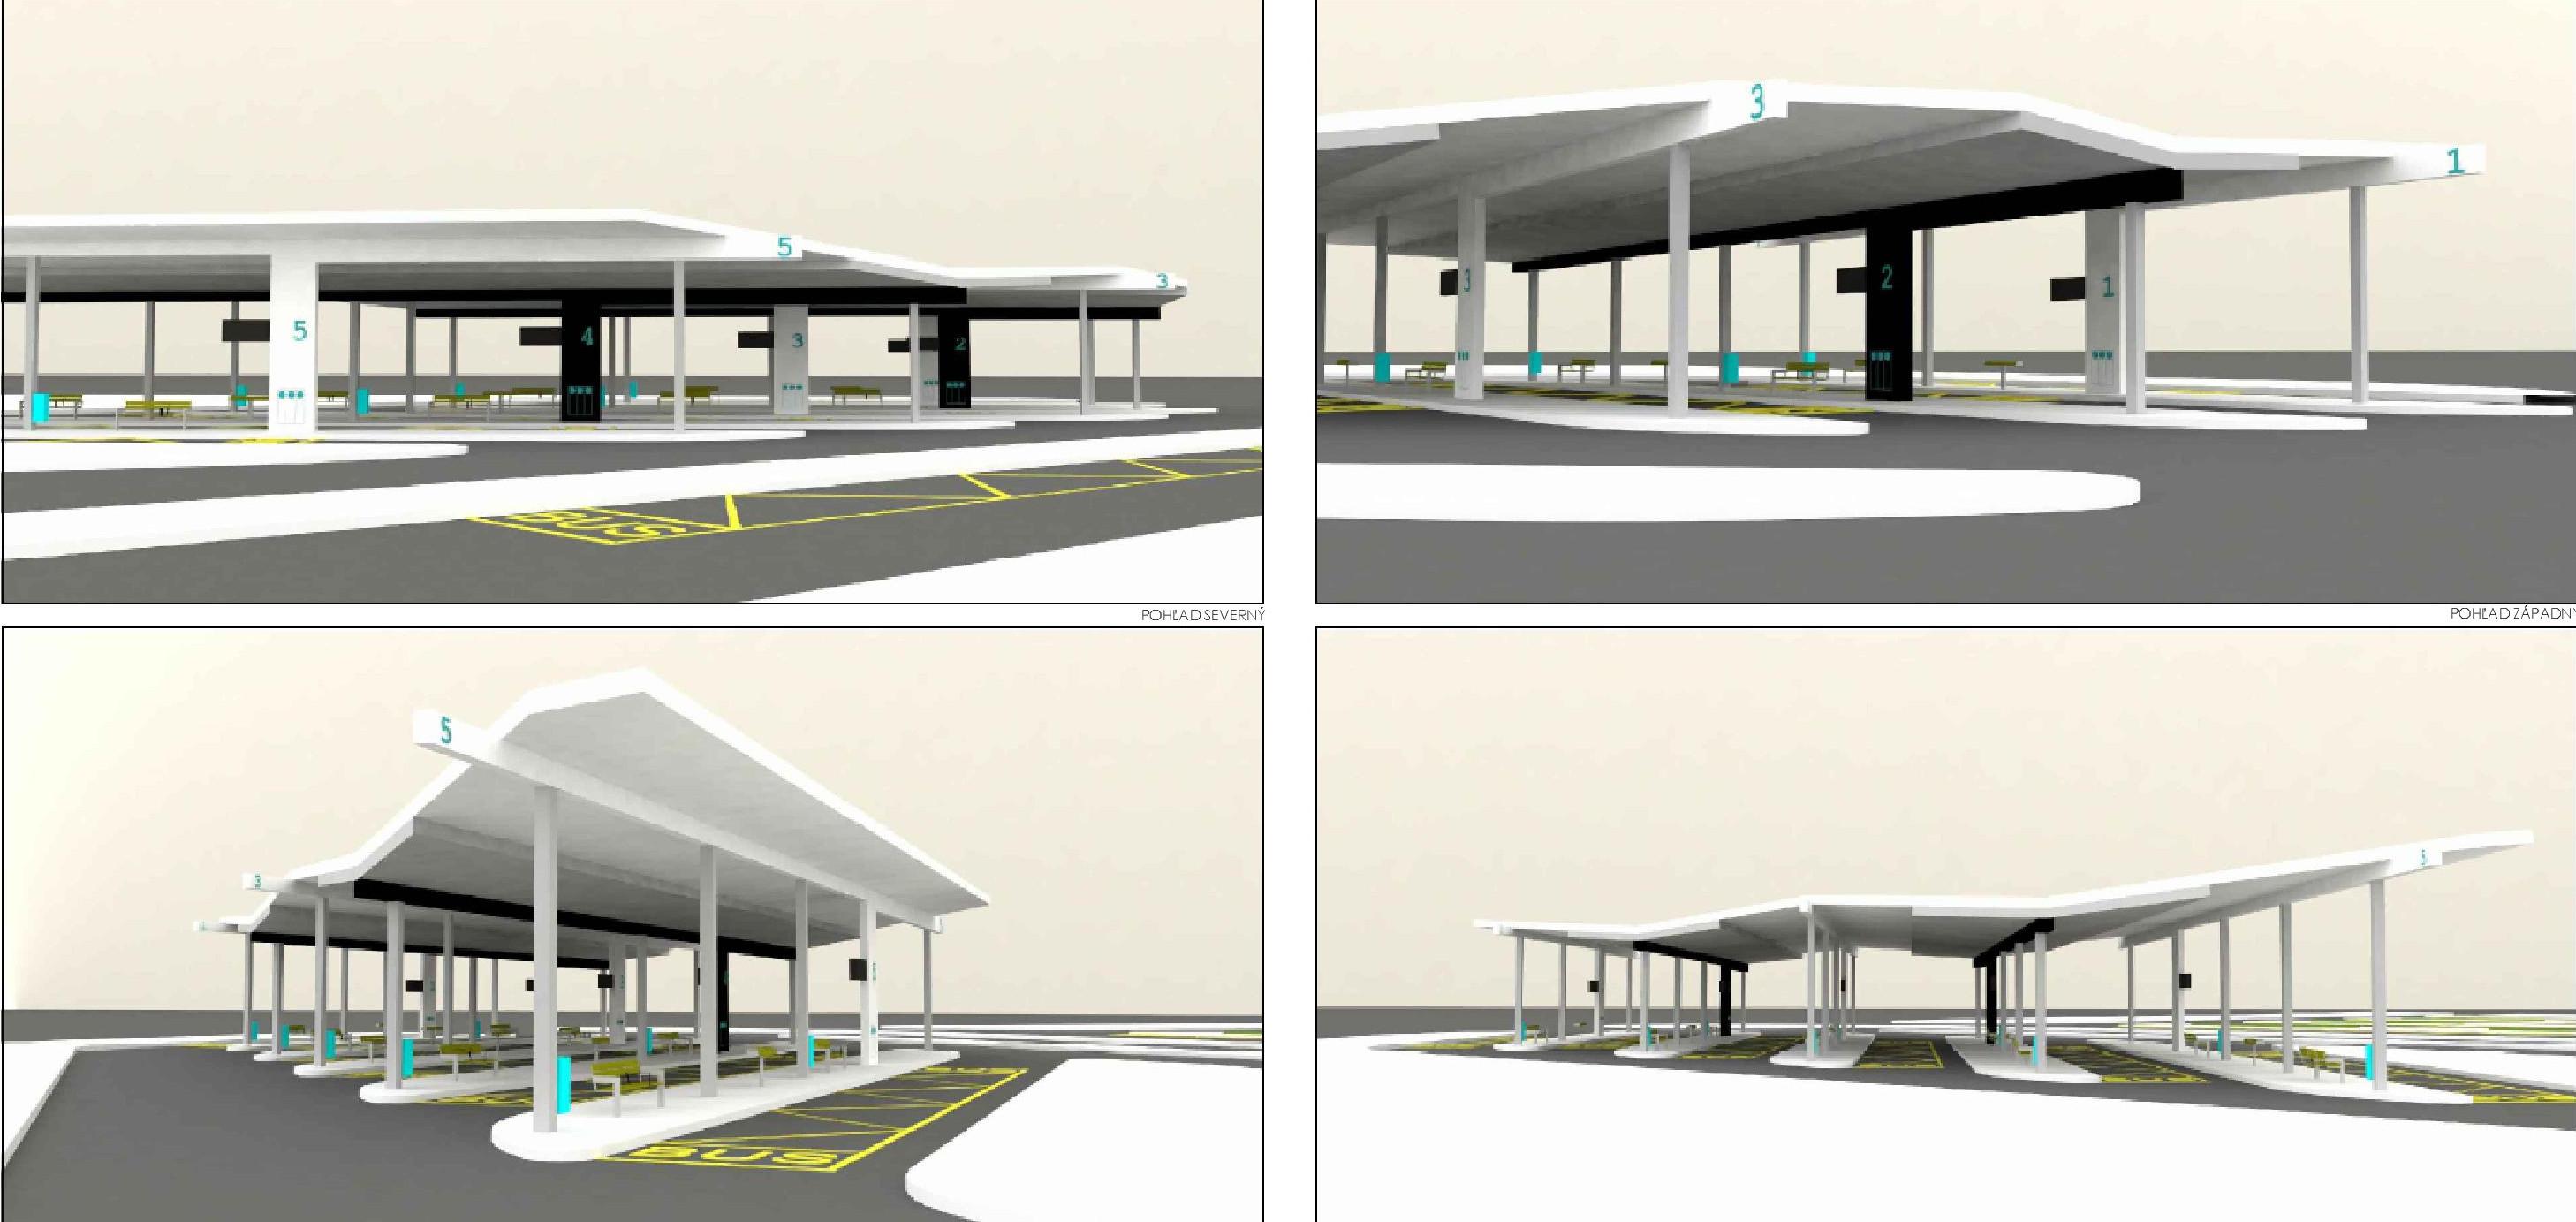 6c0a4f43b Modernizácia autobusovej stanice v Nitre - Katalóg firiem | moja Nitra